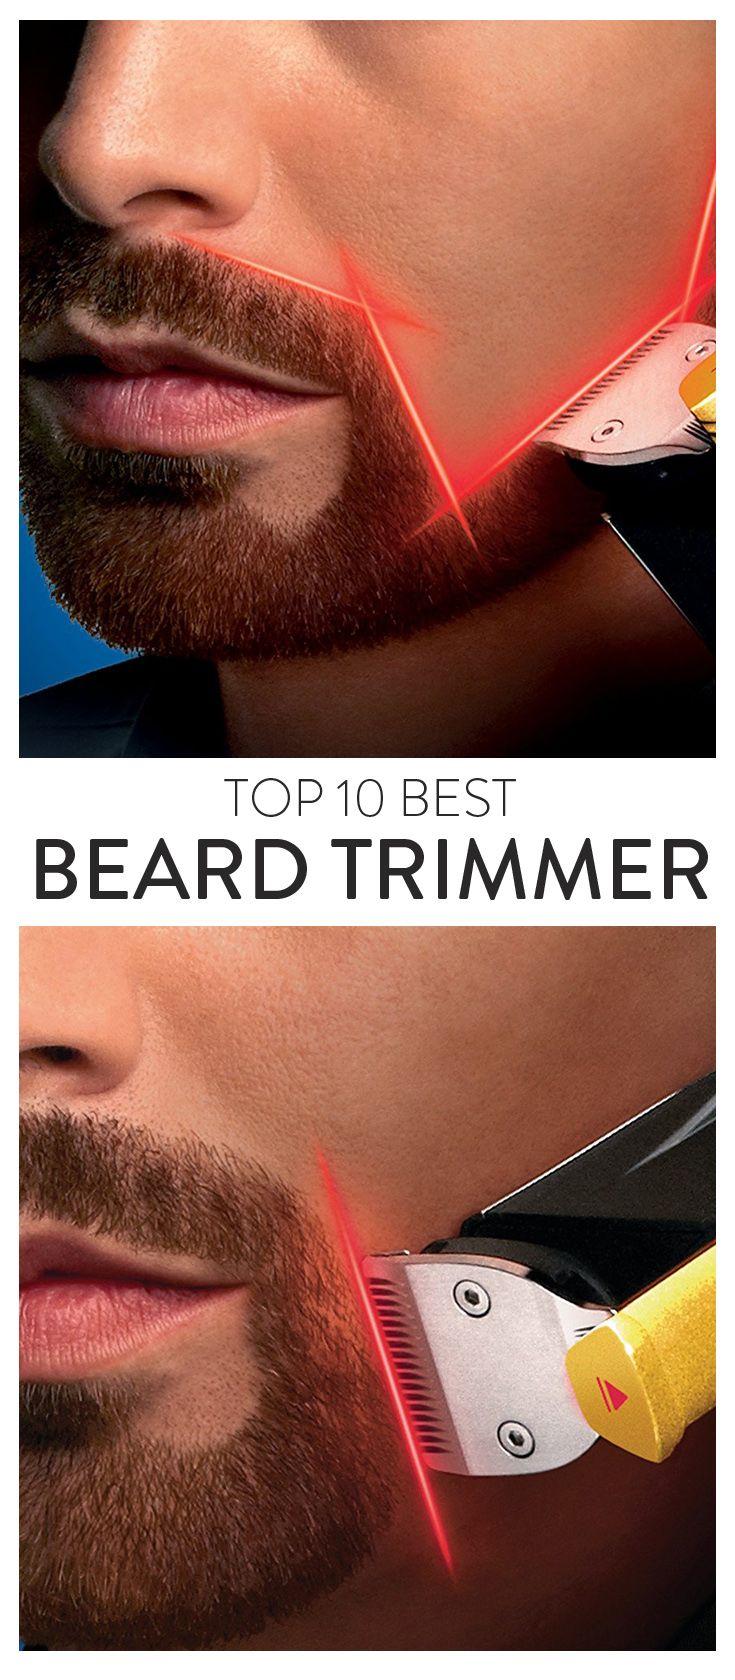 Top 10 Best Beard Trimmer